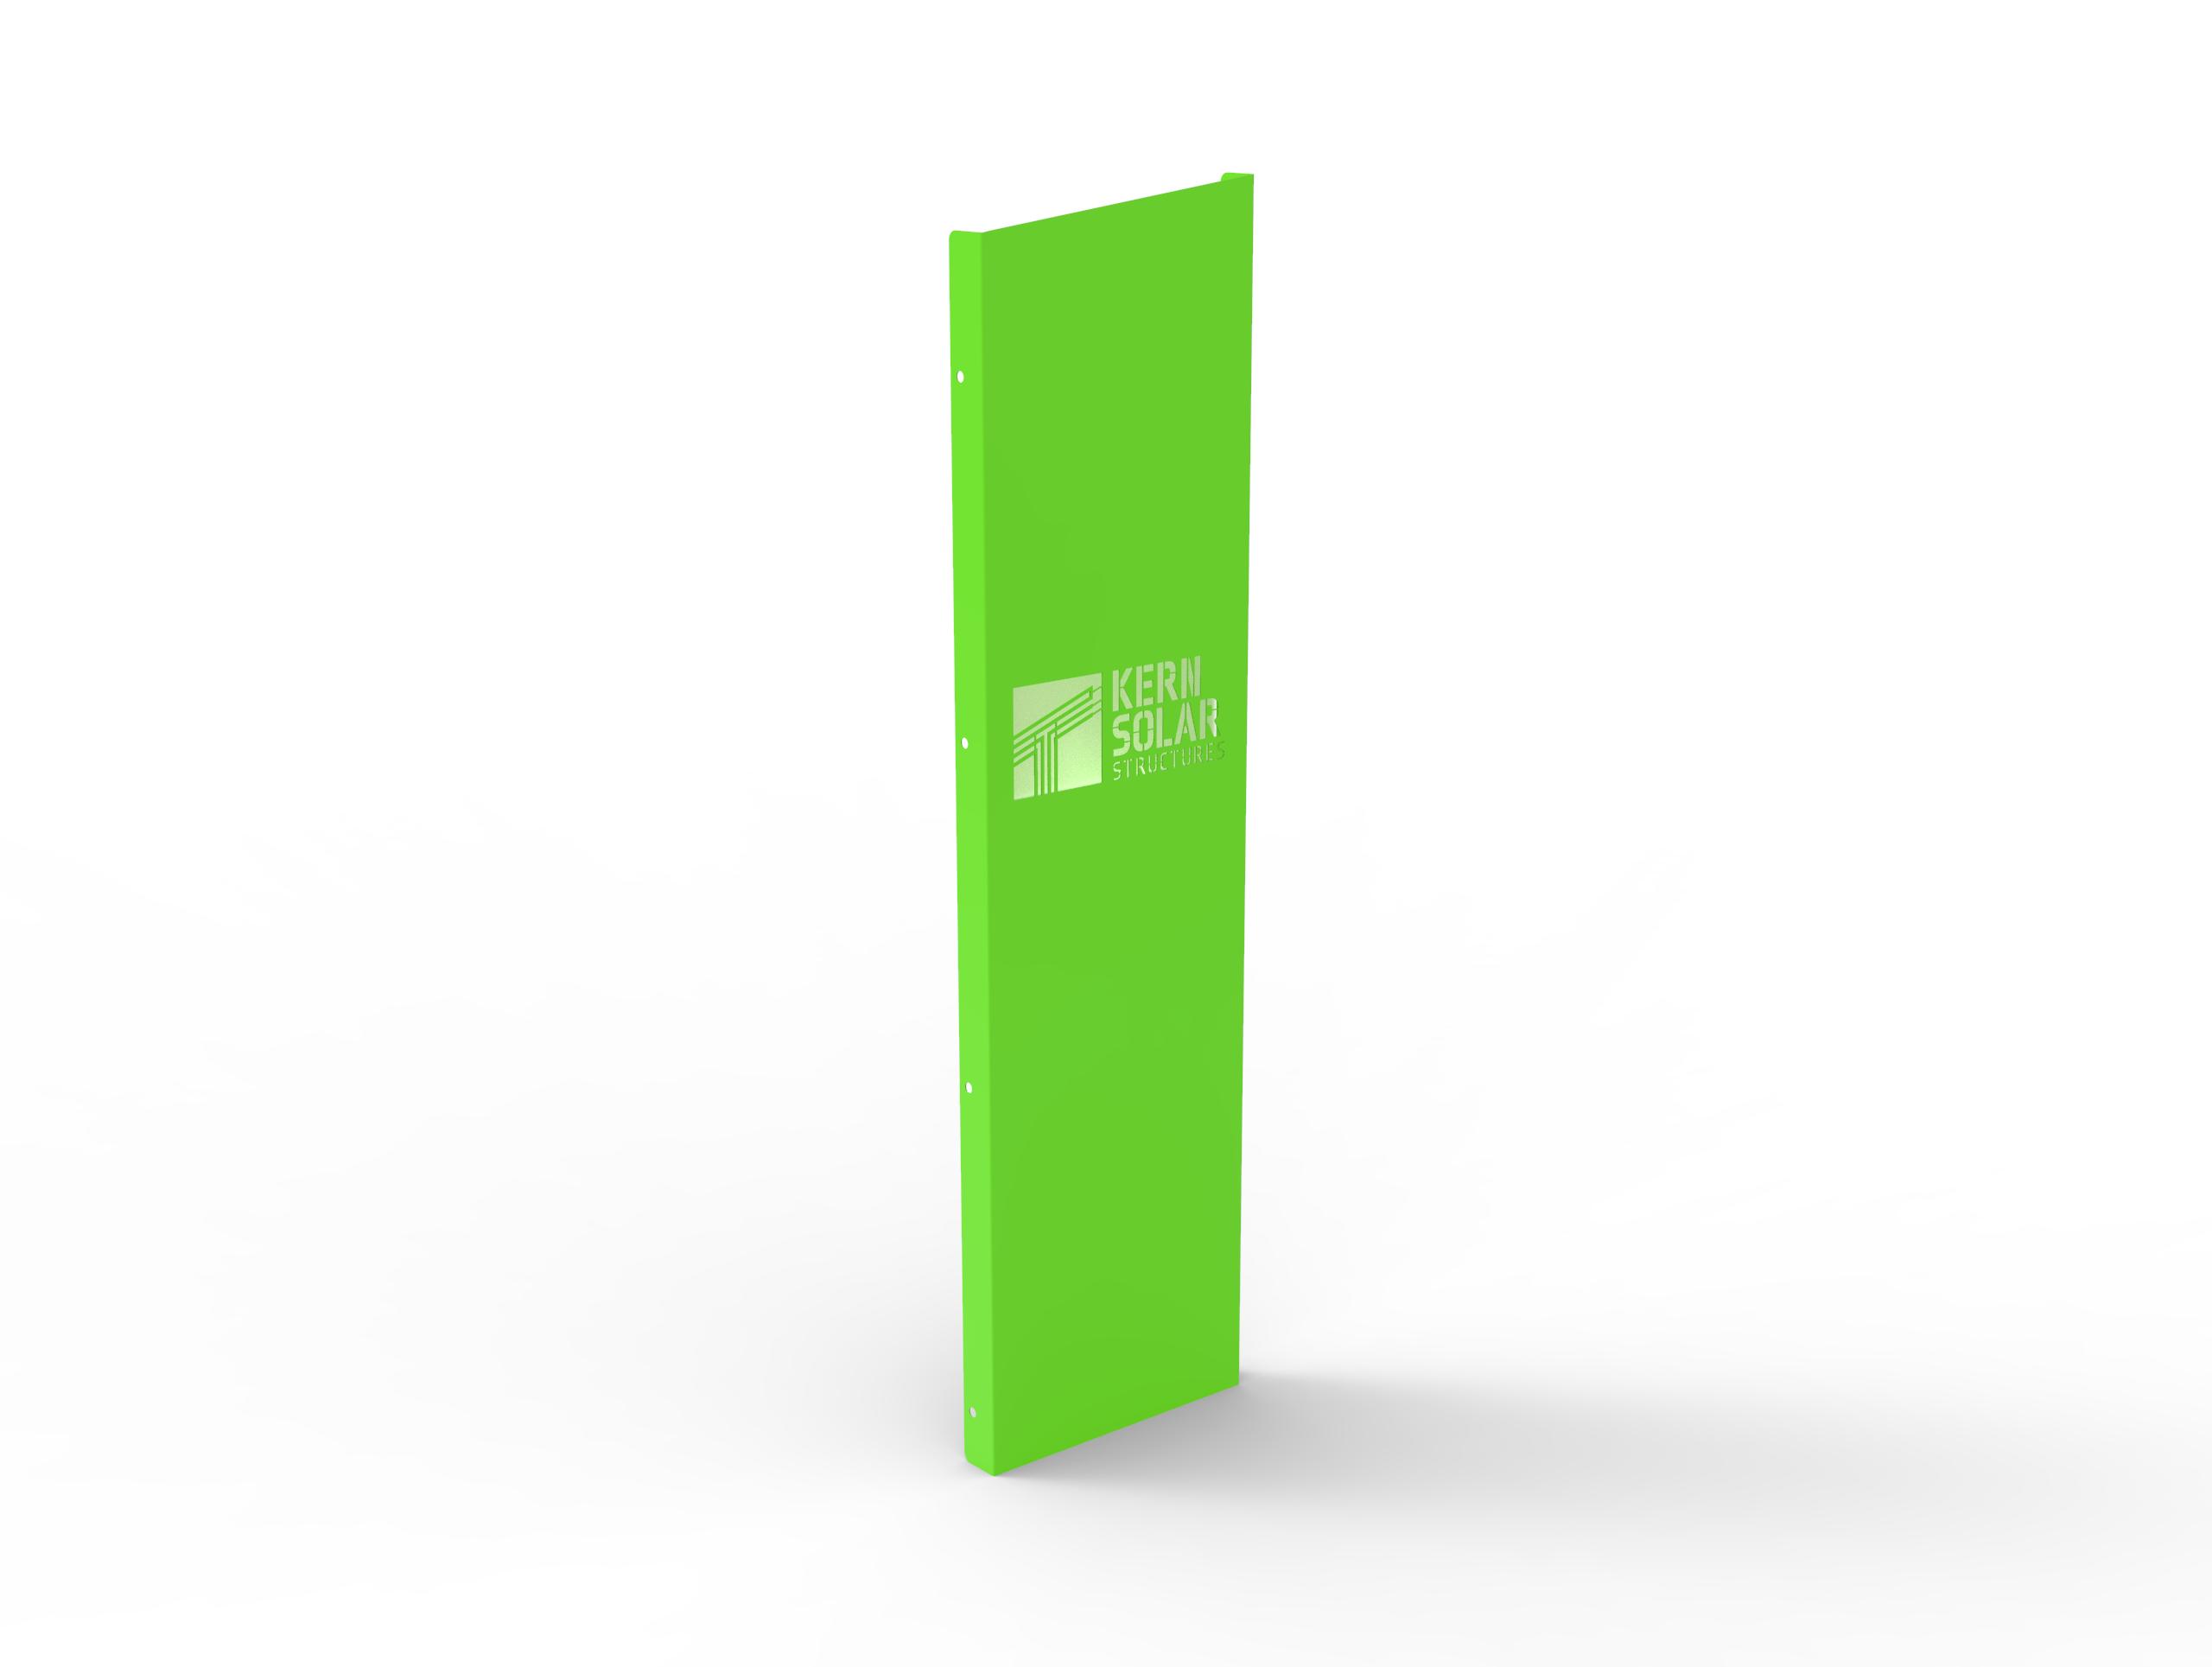 Solar Wrap with laser cut logo